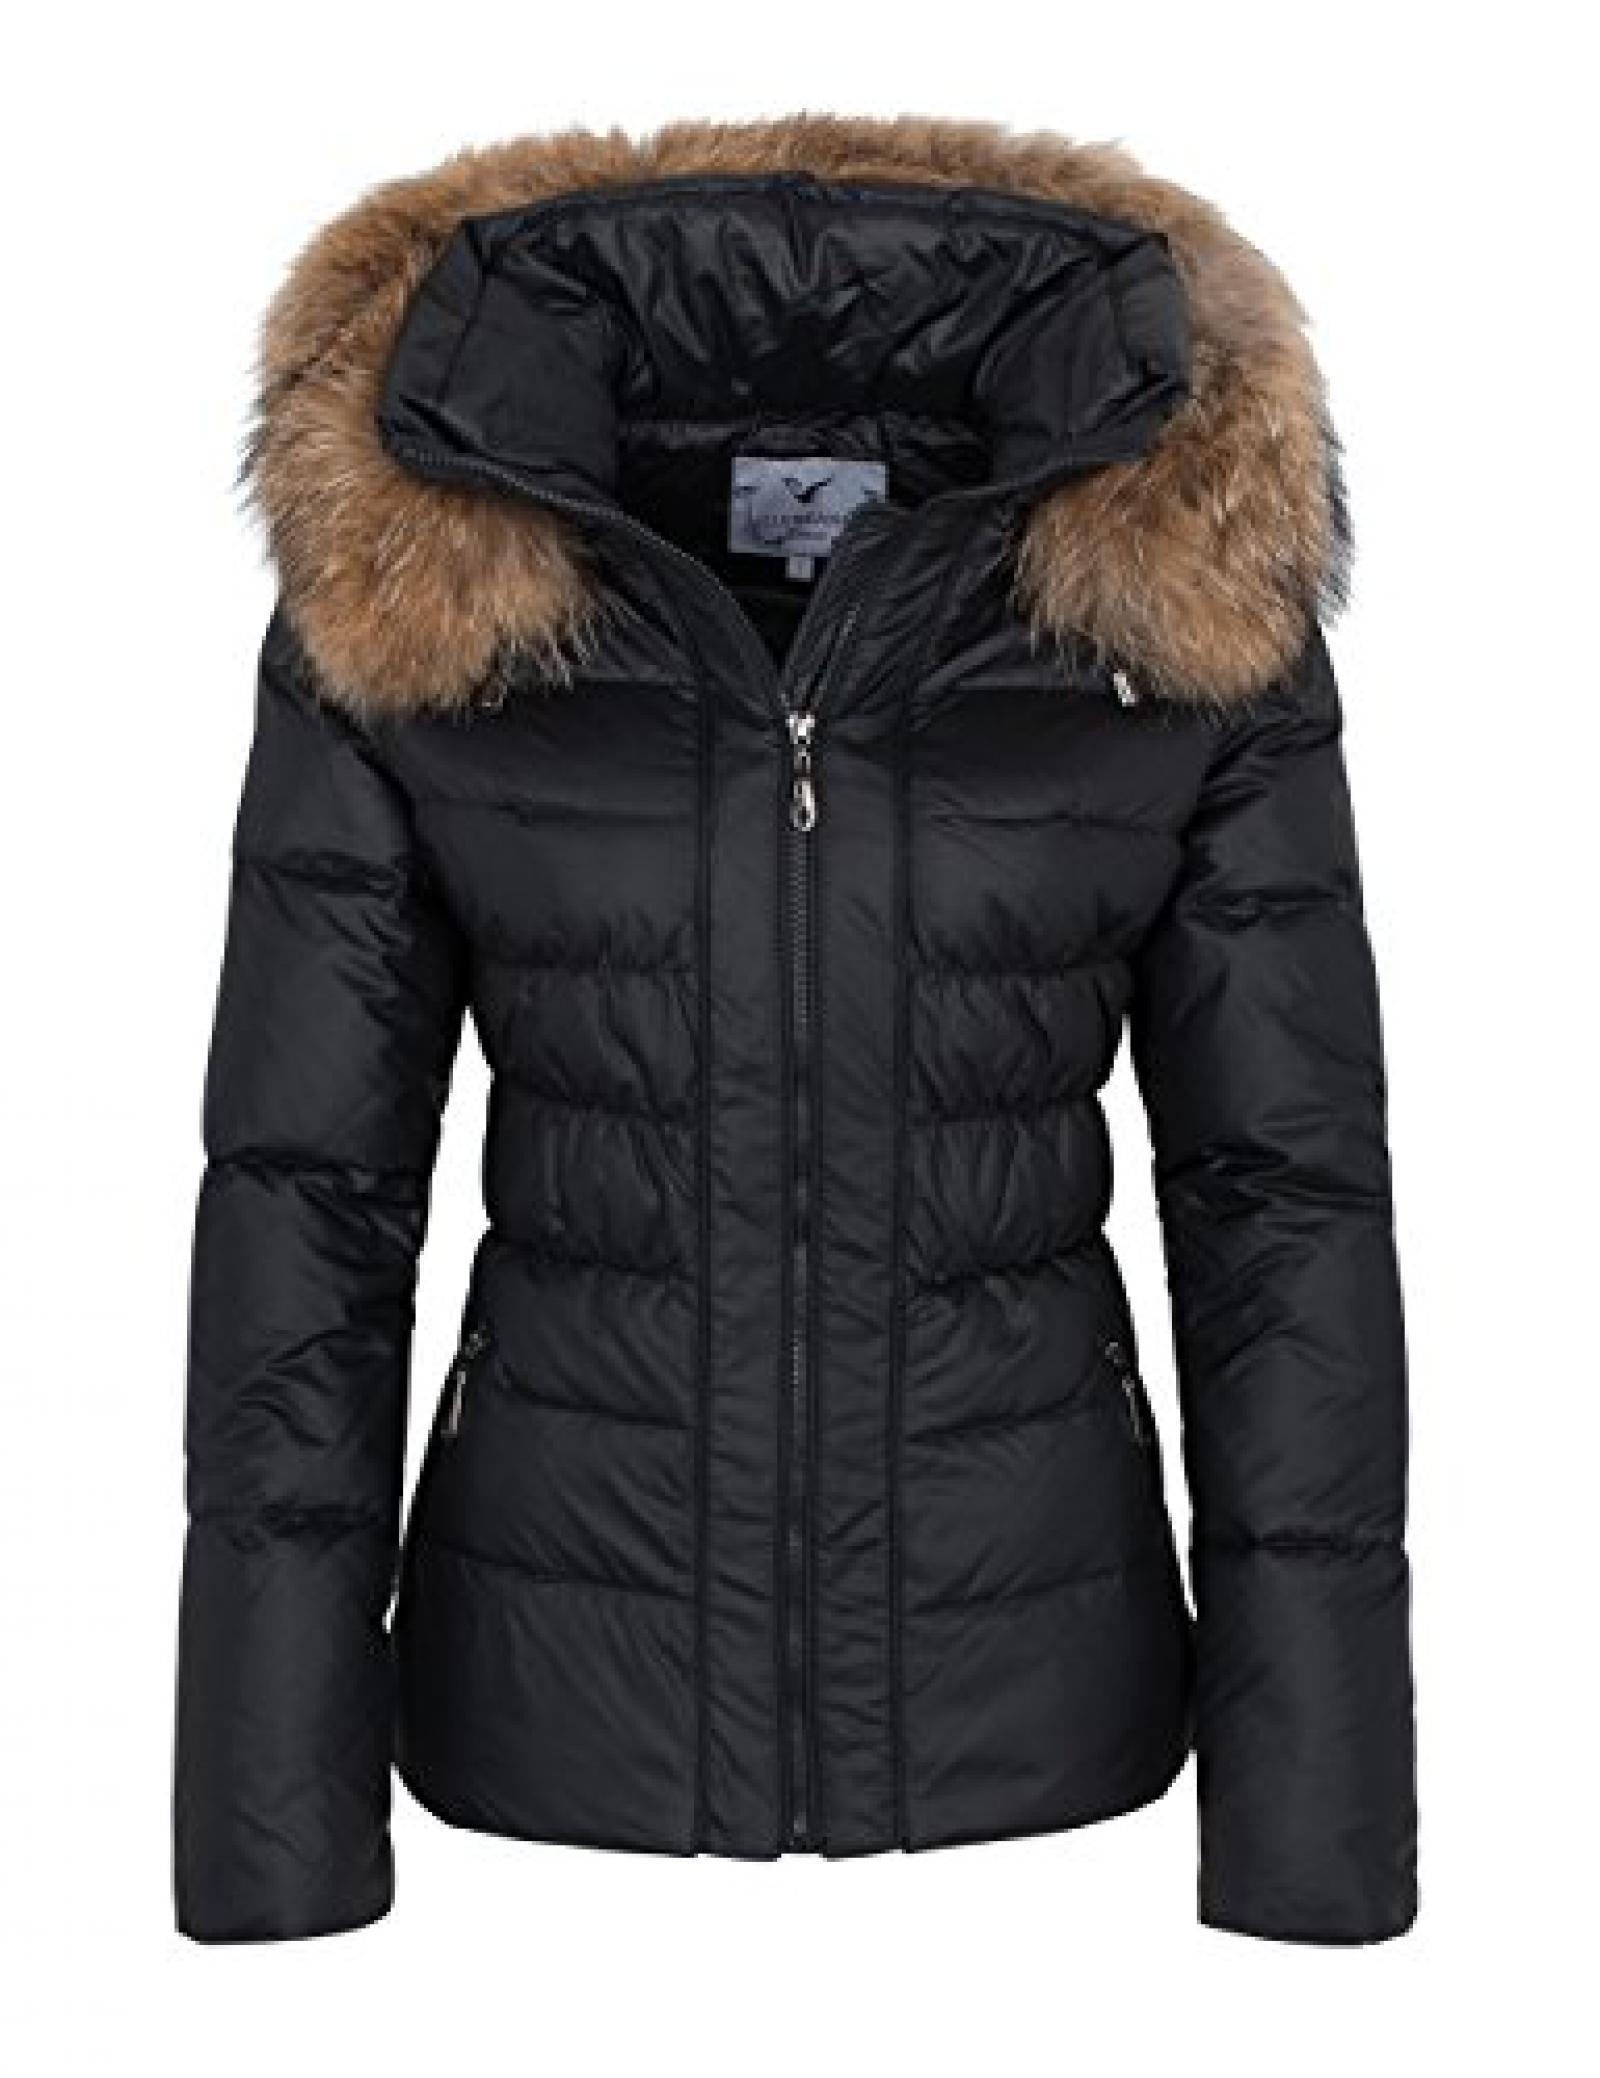 811A209 Damen Winterjacke Jacke DAUNENJACKE mit Echtfell Echtfellkapuze schwarz HERBST/WINTER 2015